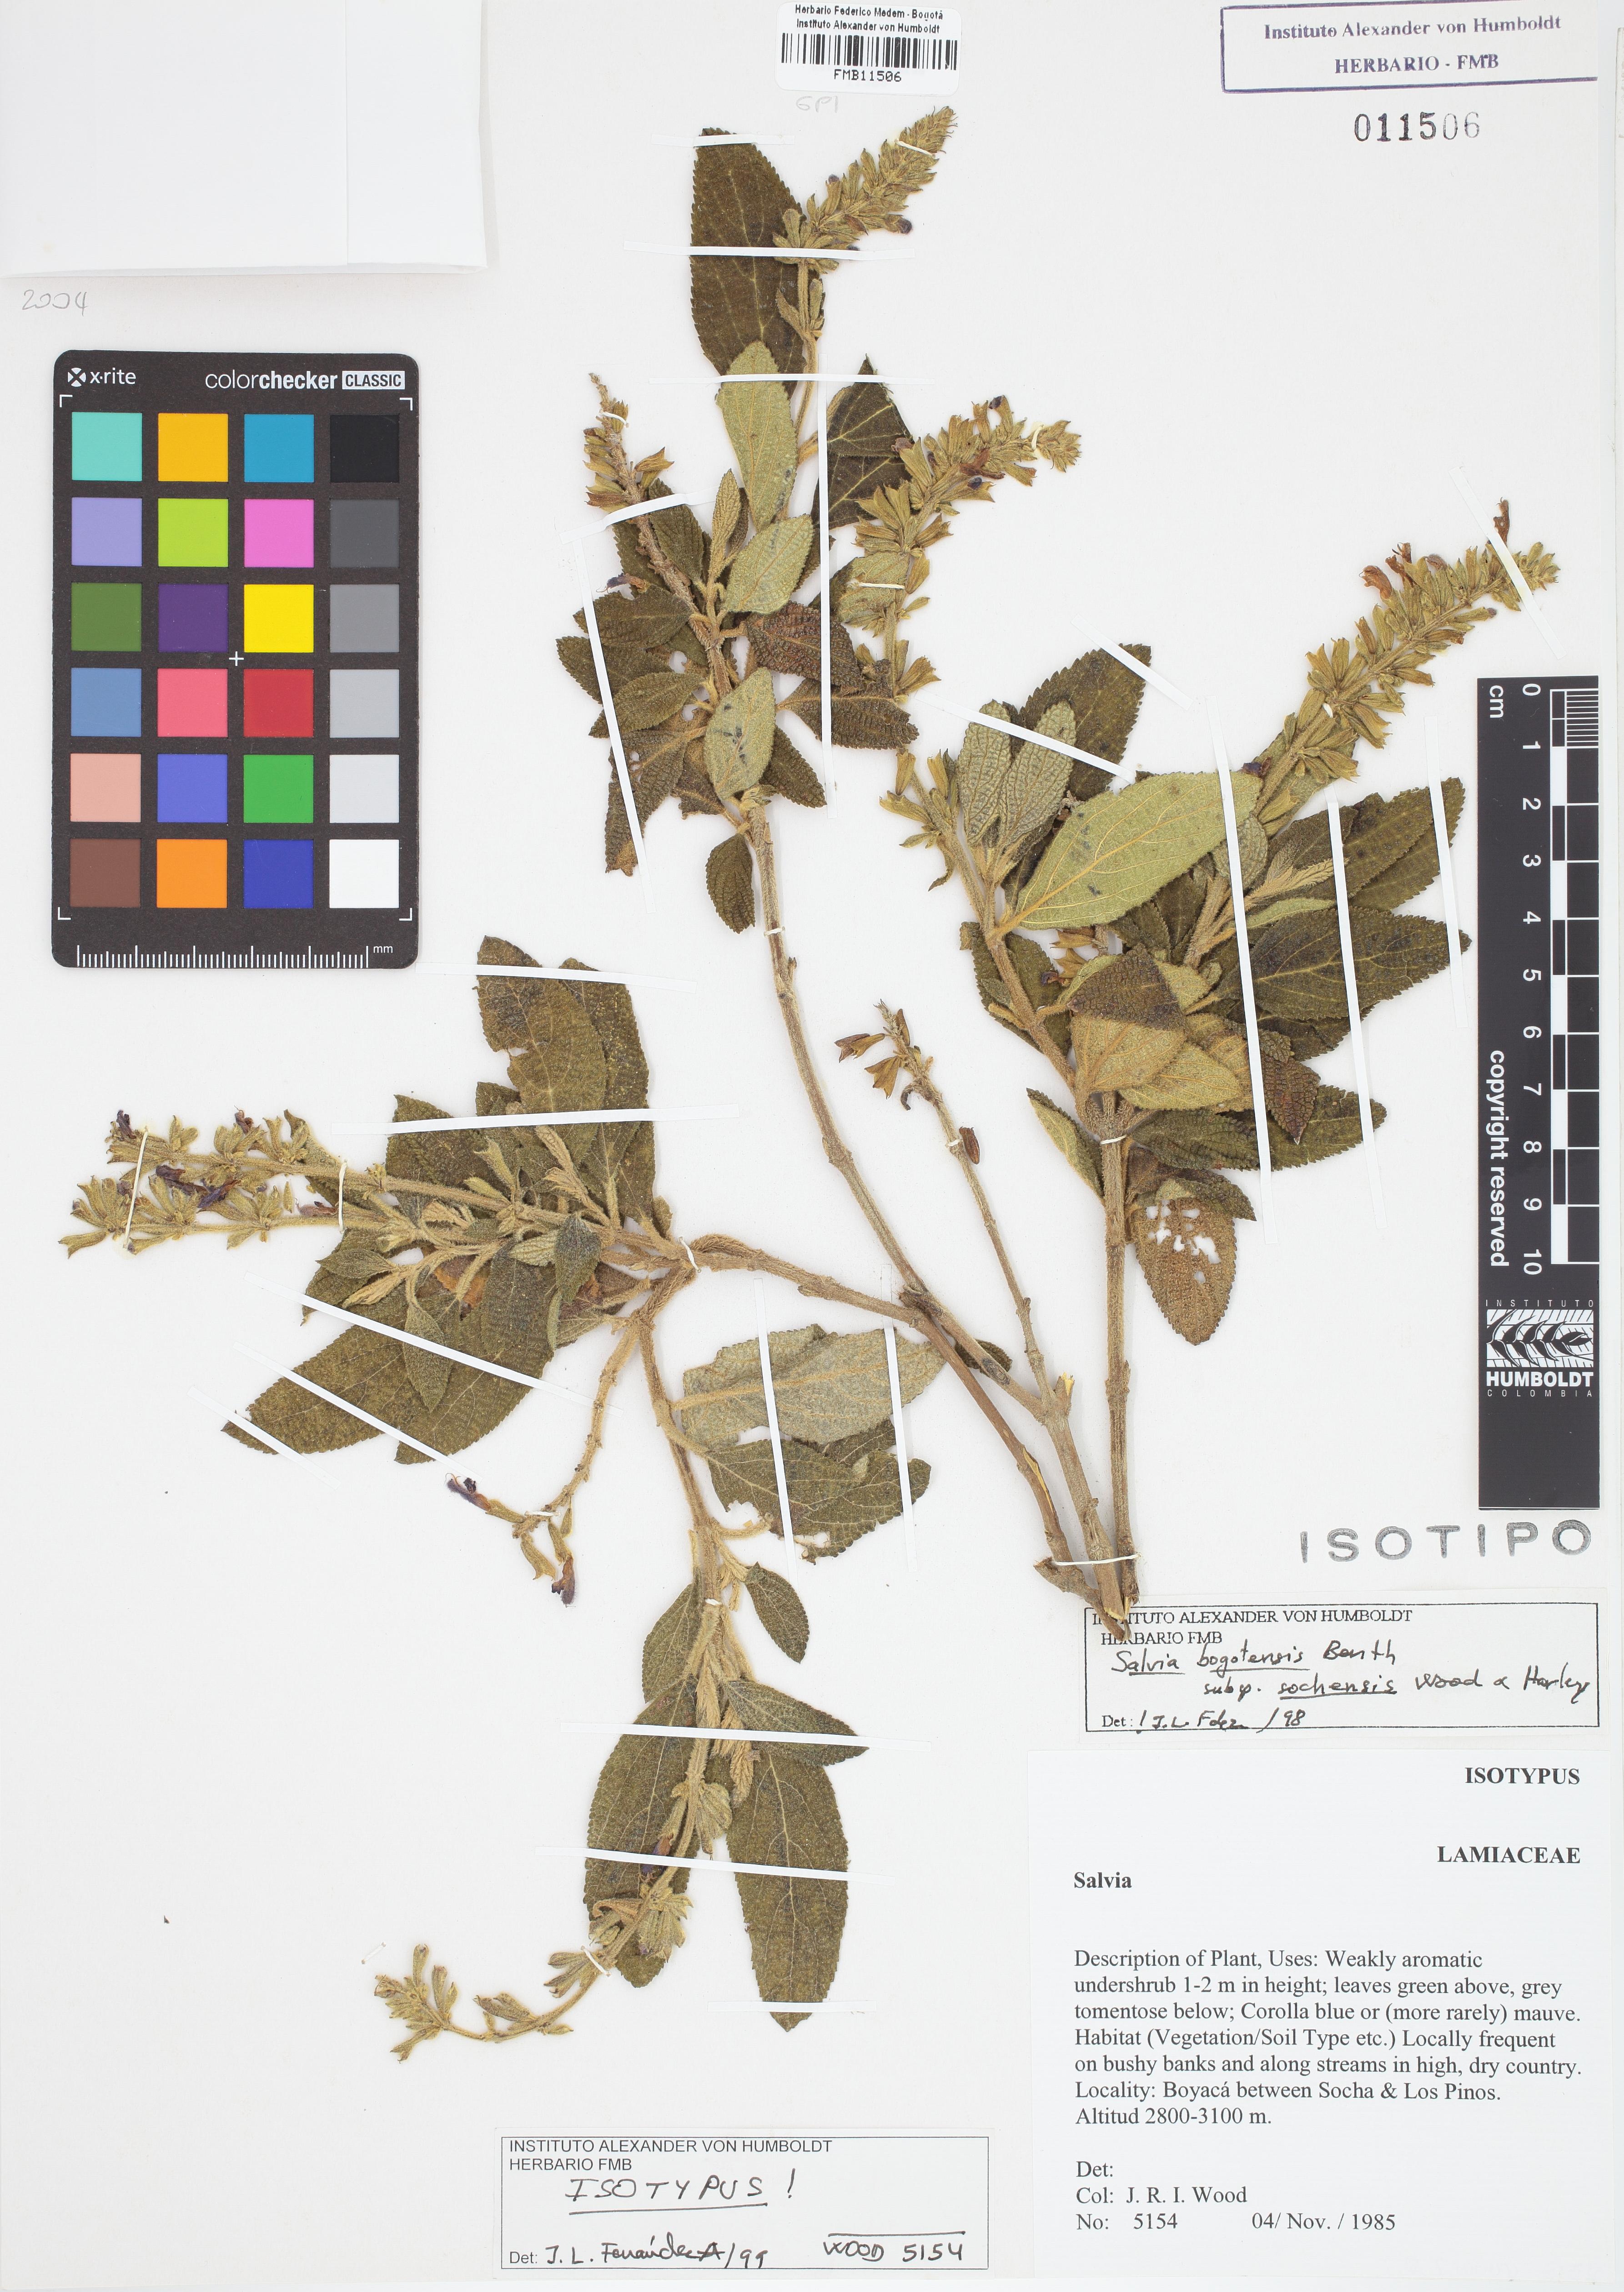 Isotipo de <em>Salvia bogotensis</em> subsp. <em>sochensis</em>, FMB-11506, Fotografía por Robles A.